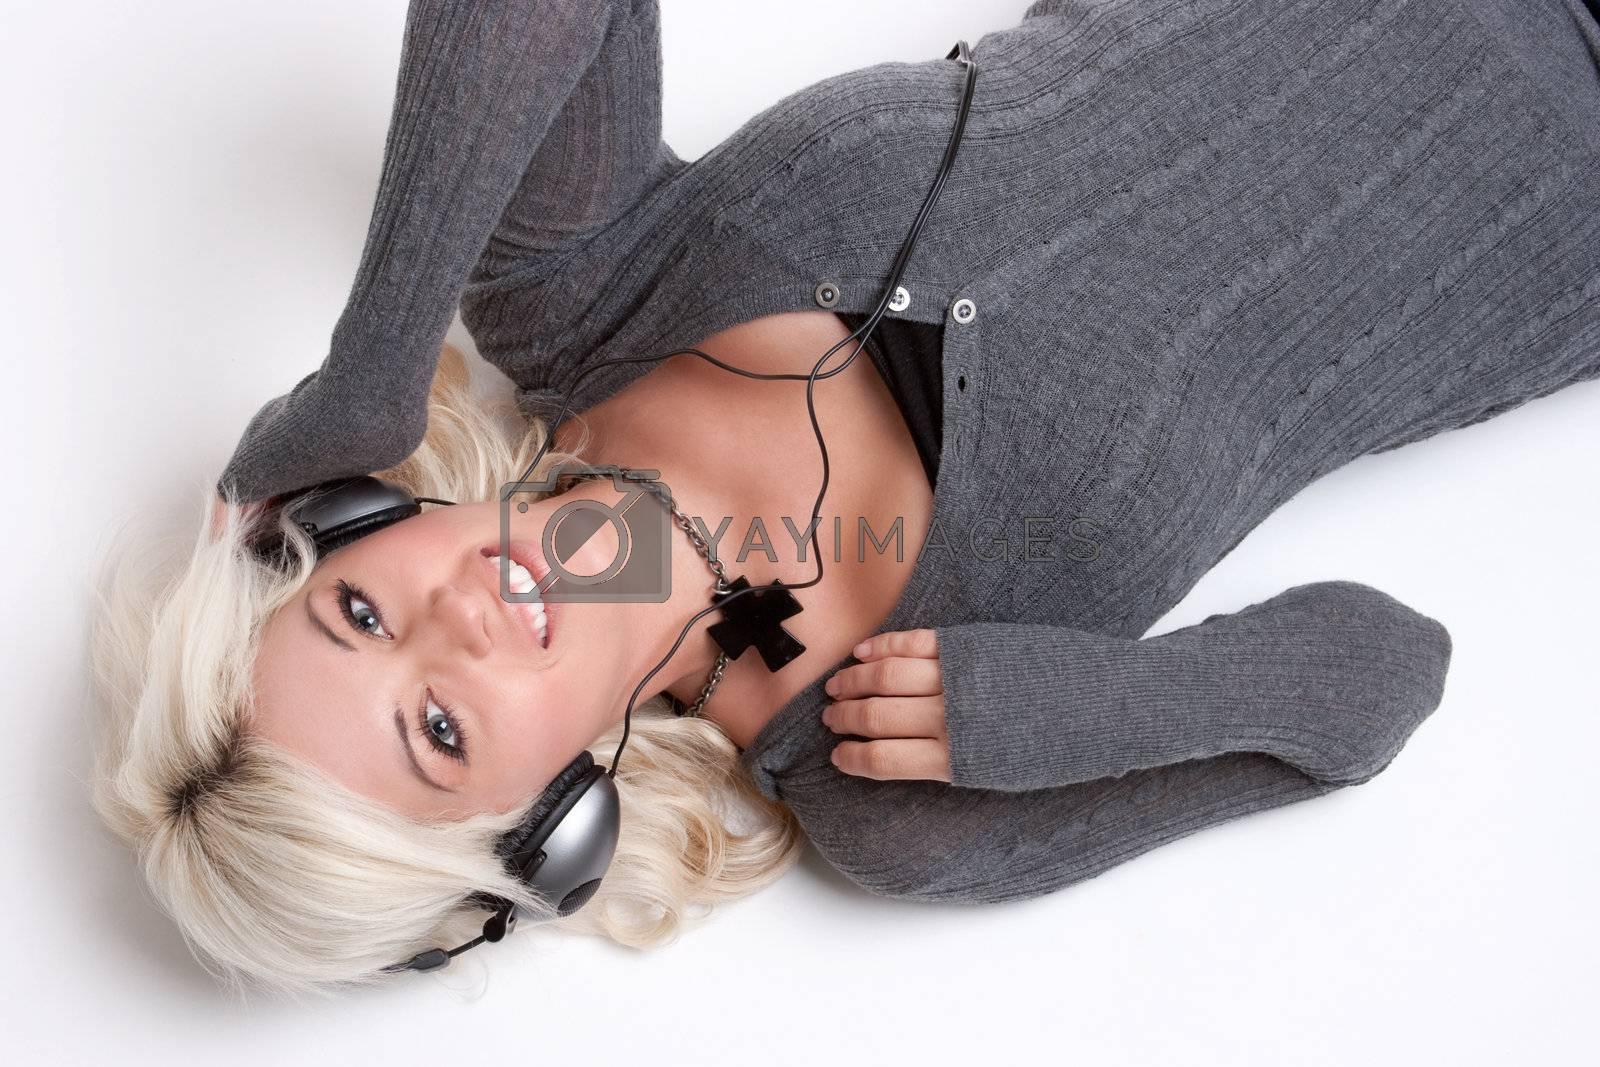 Headphones music listening smiling girl